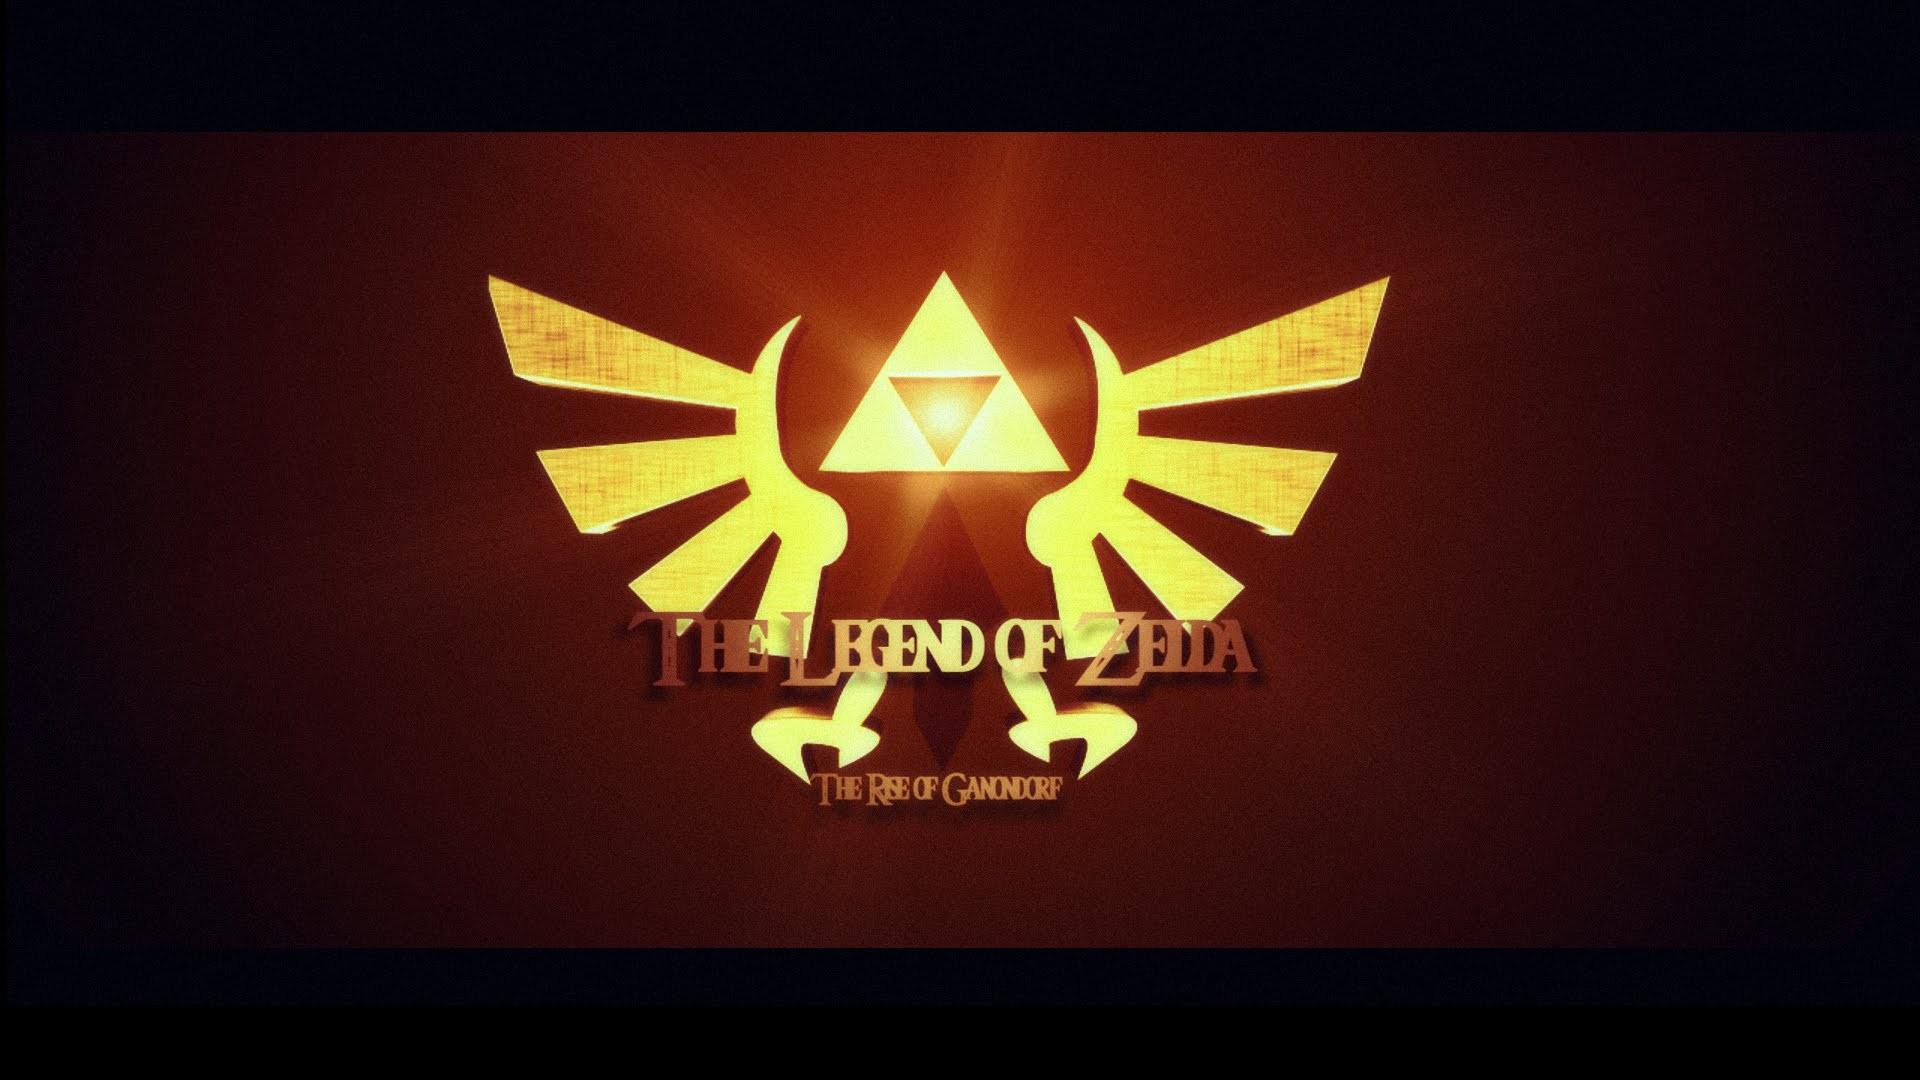 [SFM] The Legend of Zelda – The Rise of Ganondorf Teaser/Trailer